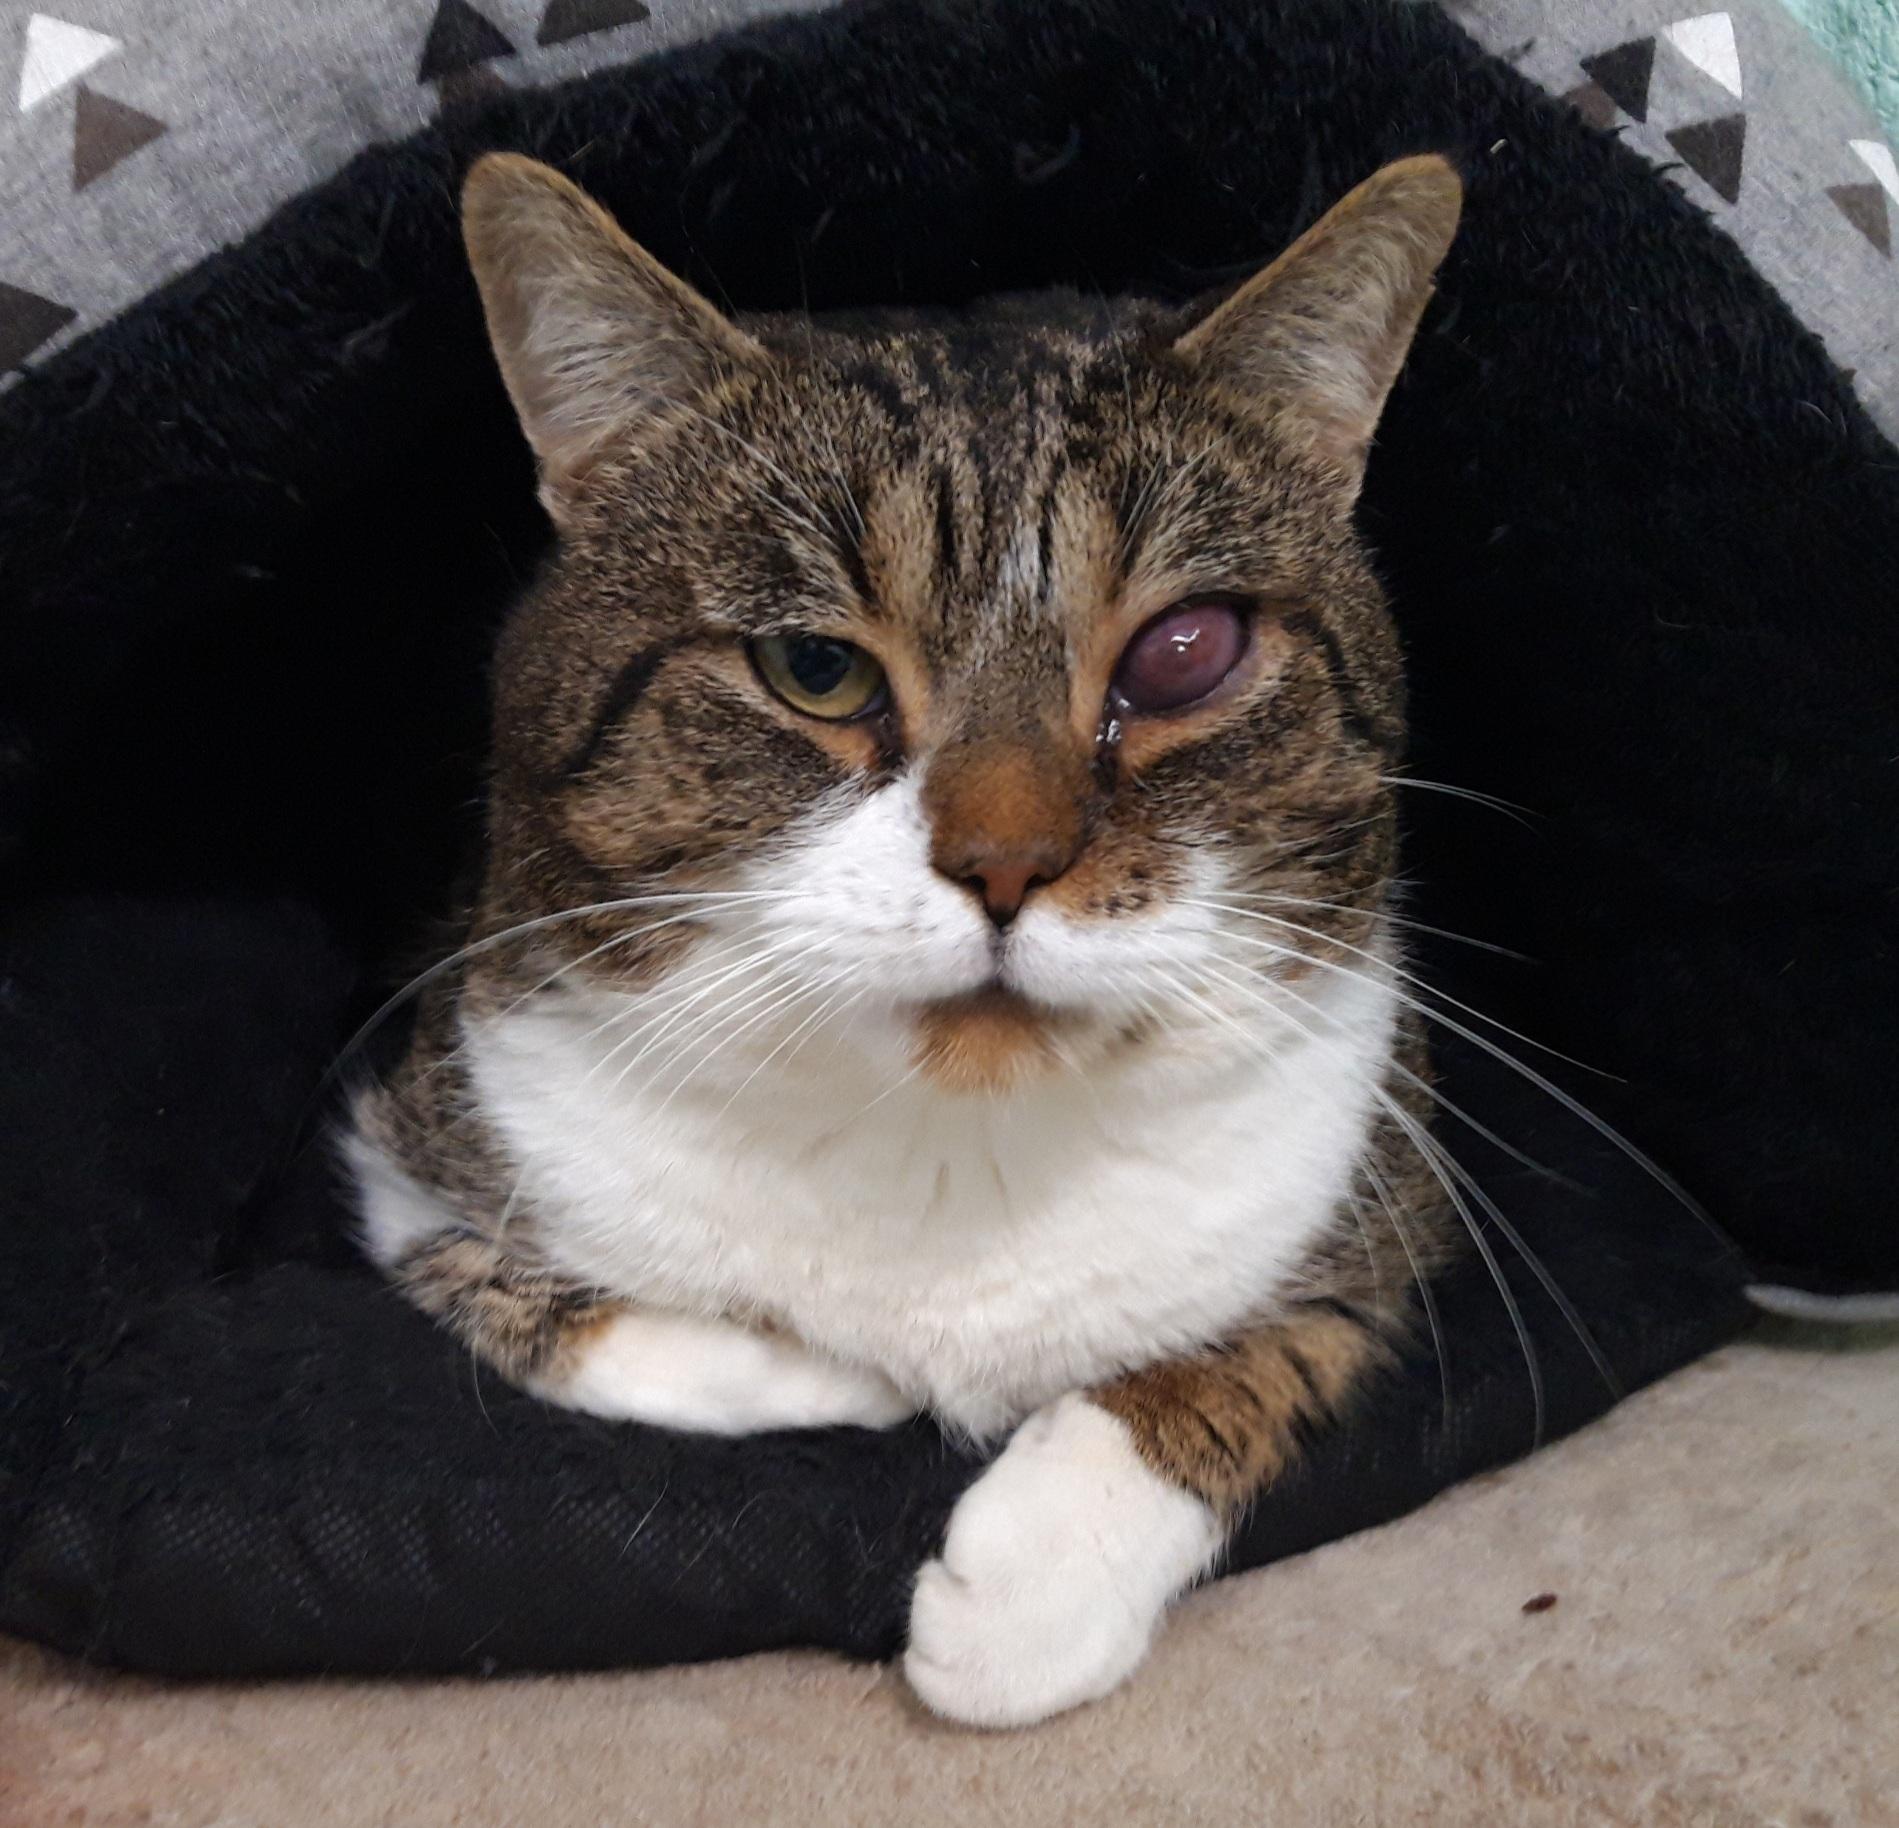 kat katten poes poezen huisdier huisdieren dierenasiel asiel arduin